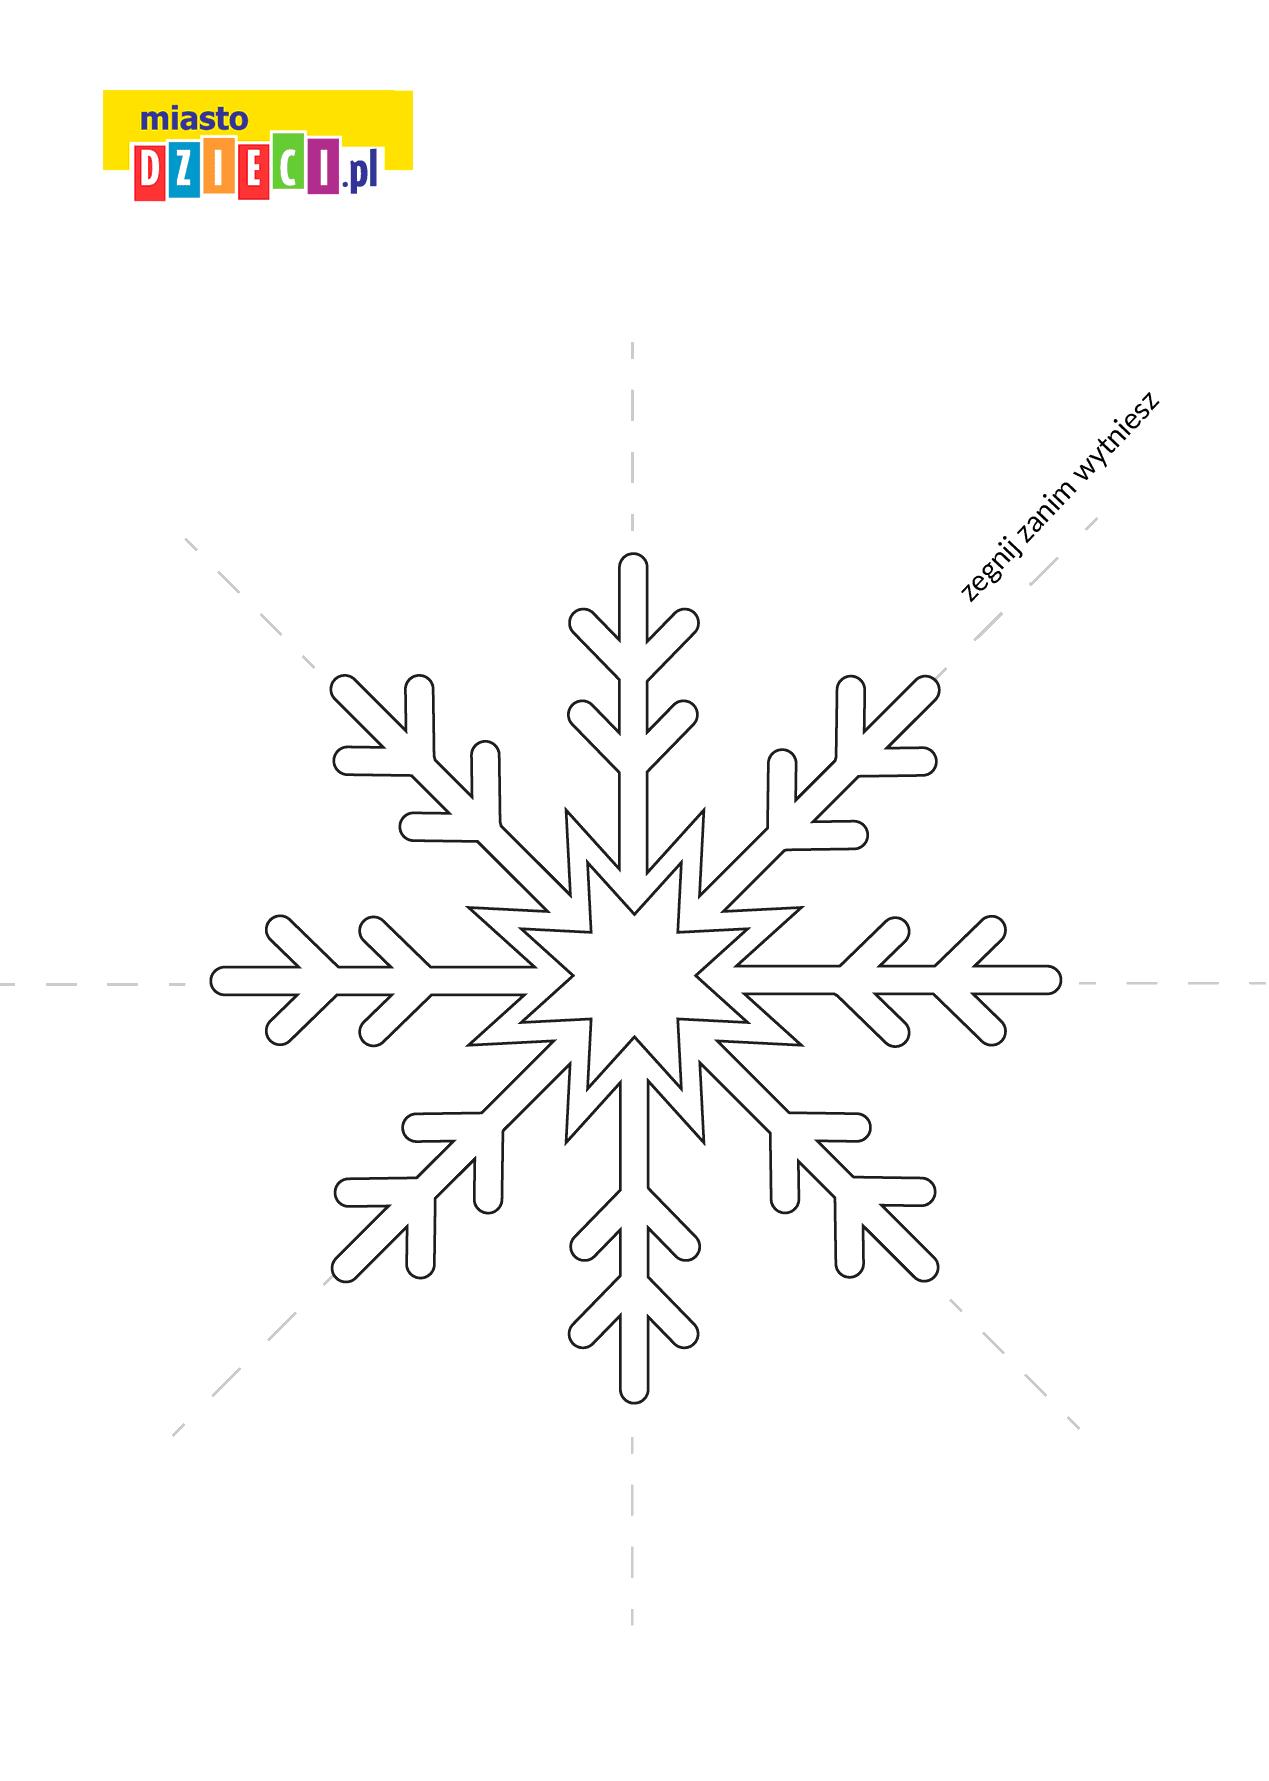 śniegowa gwiazdka - szablon do druku dla dzieci MiastoDzieci.pl